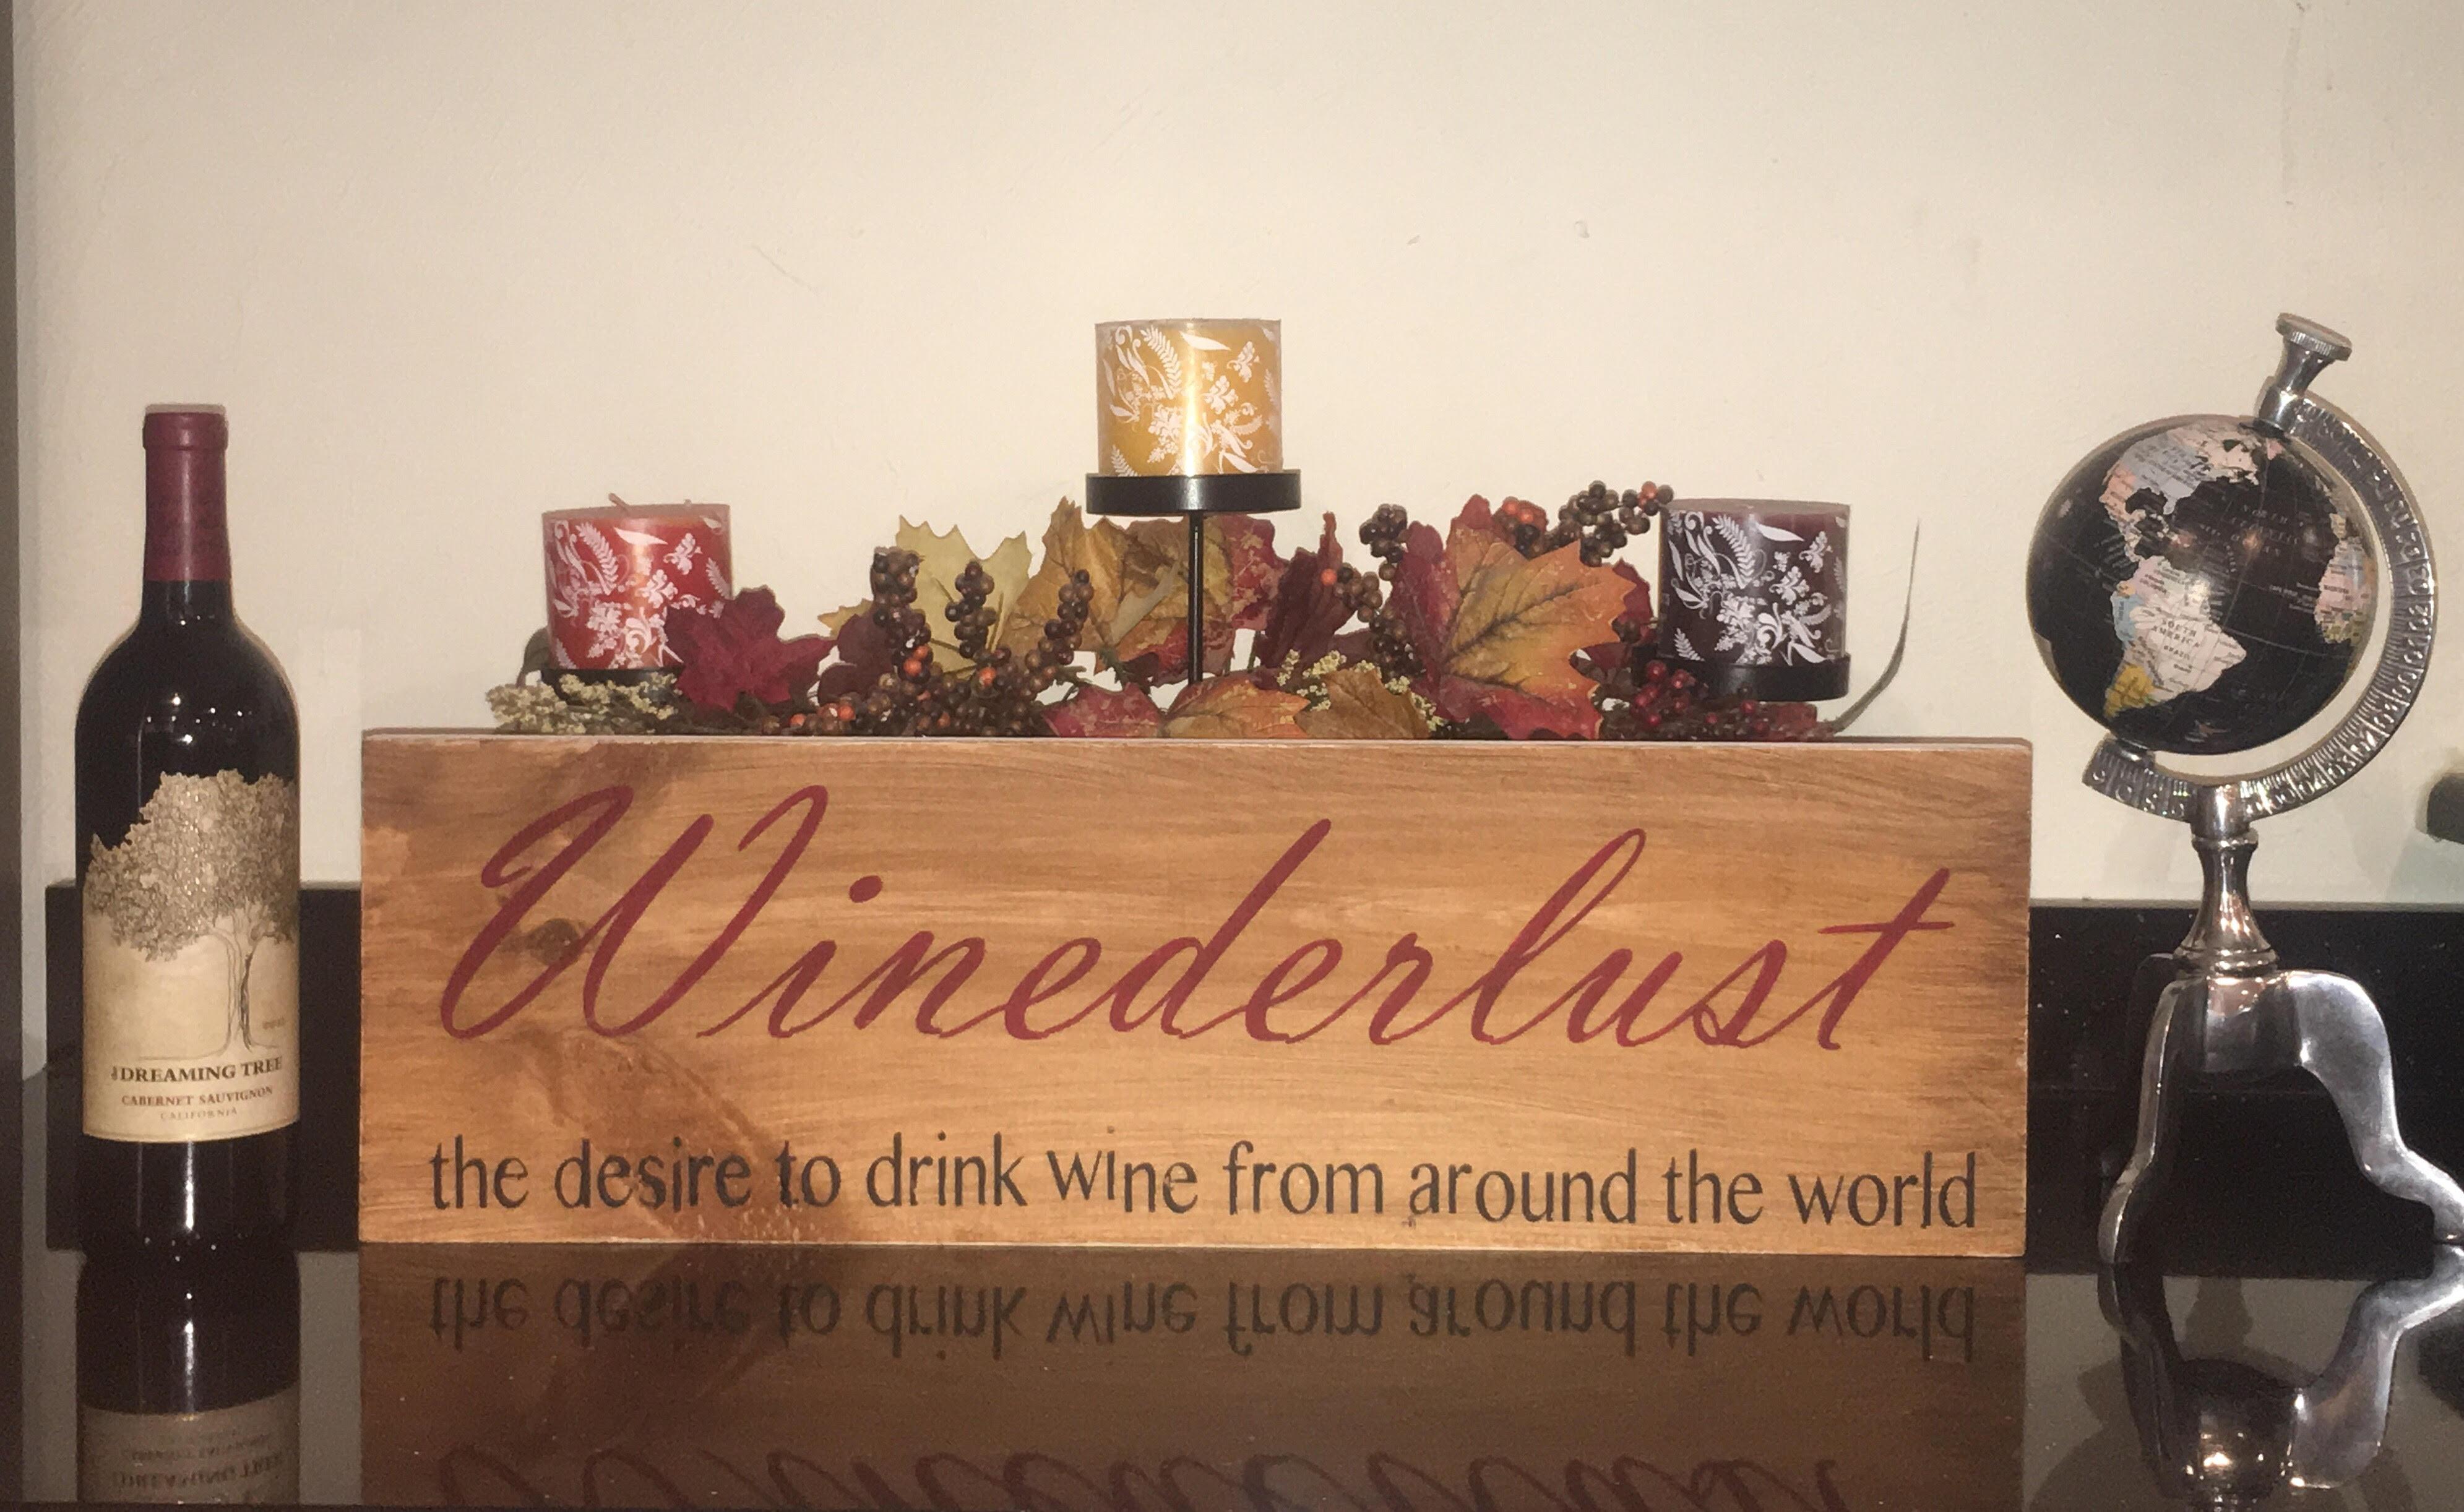 #189-WINEderlust